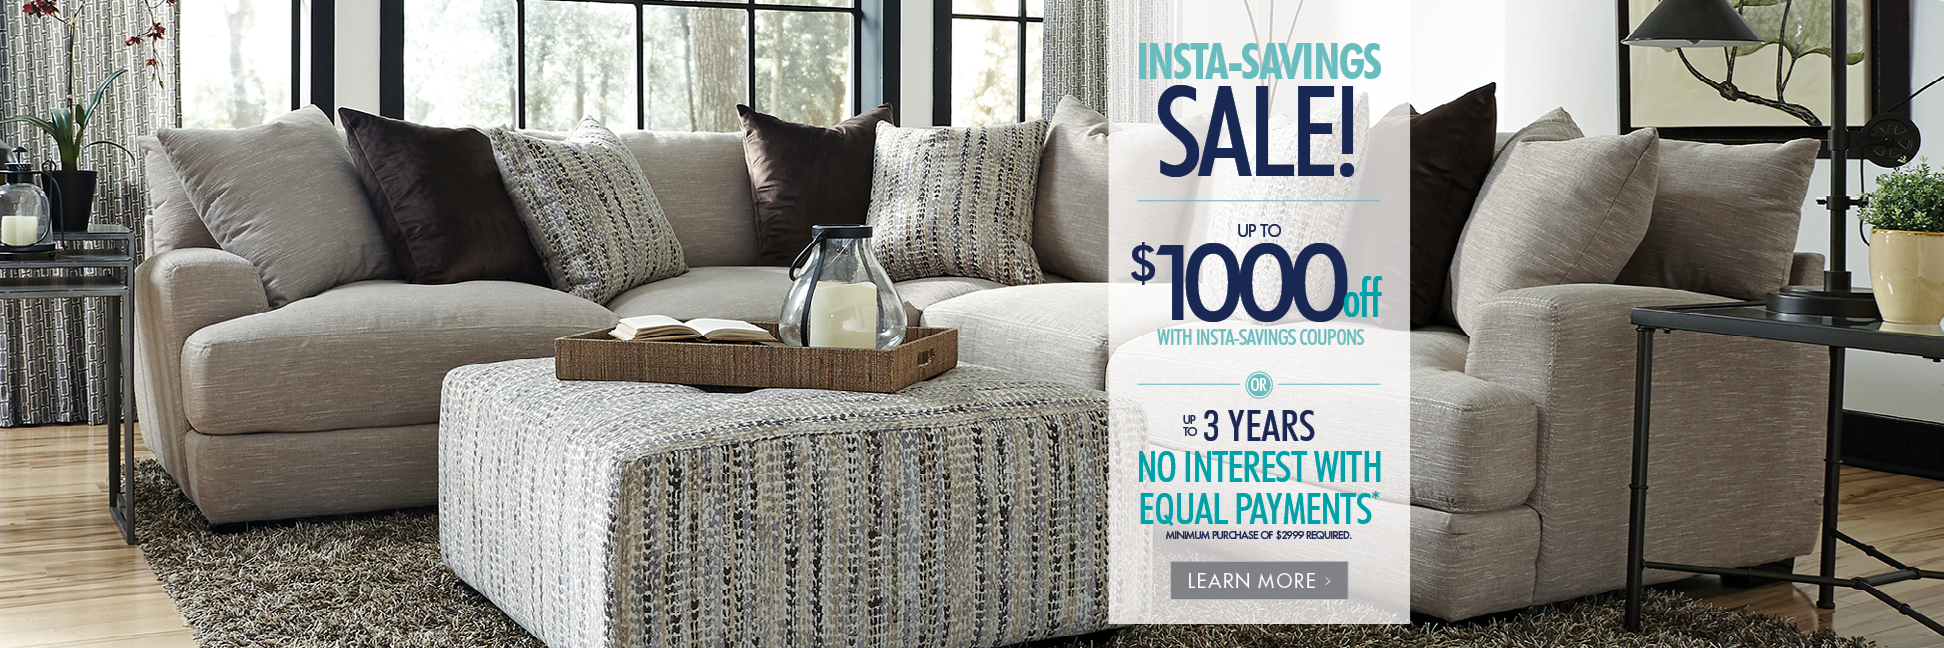 Insta-Savings Sale